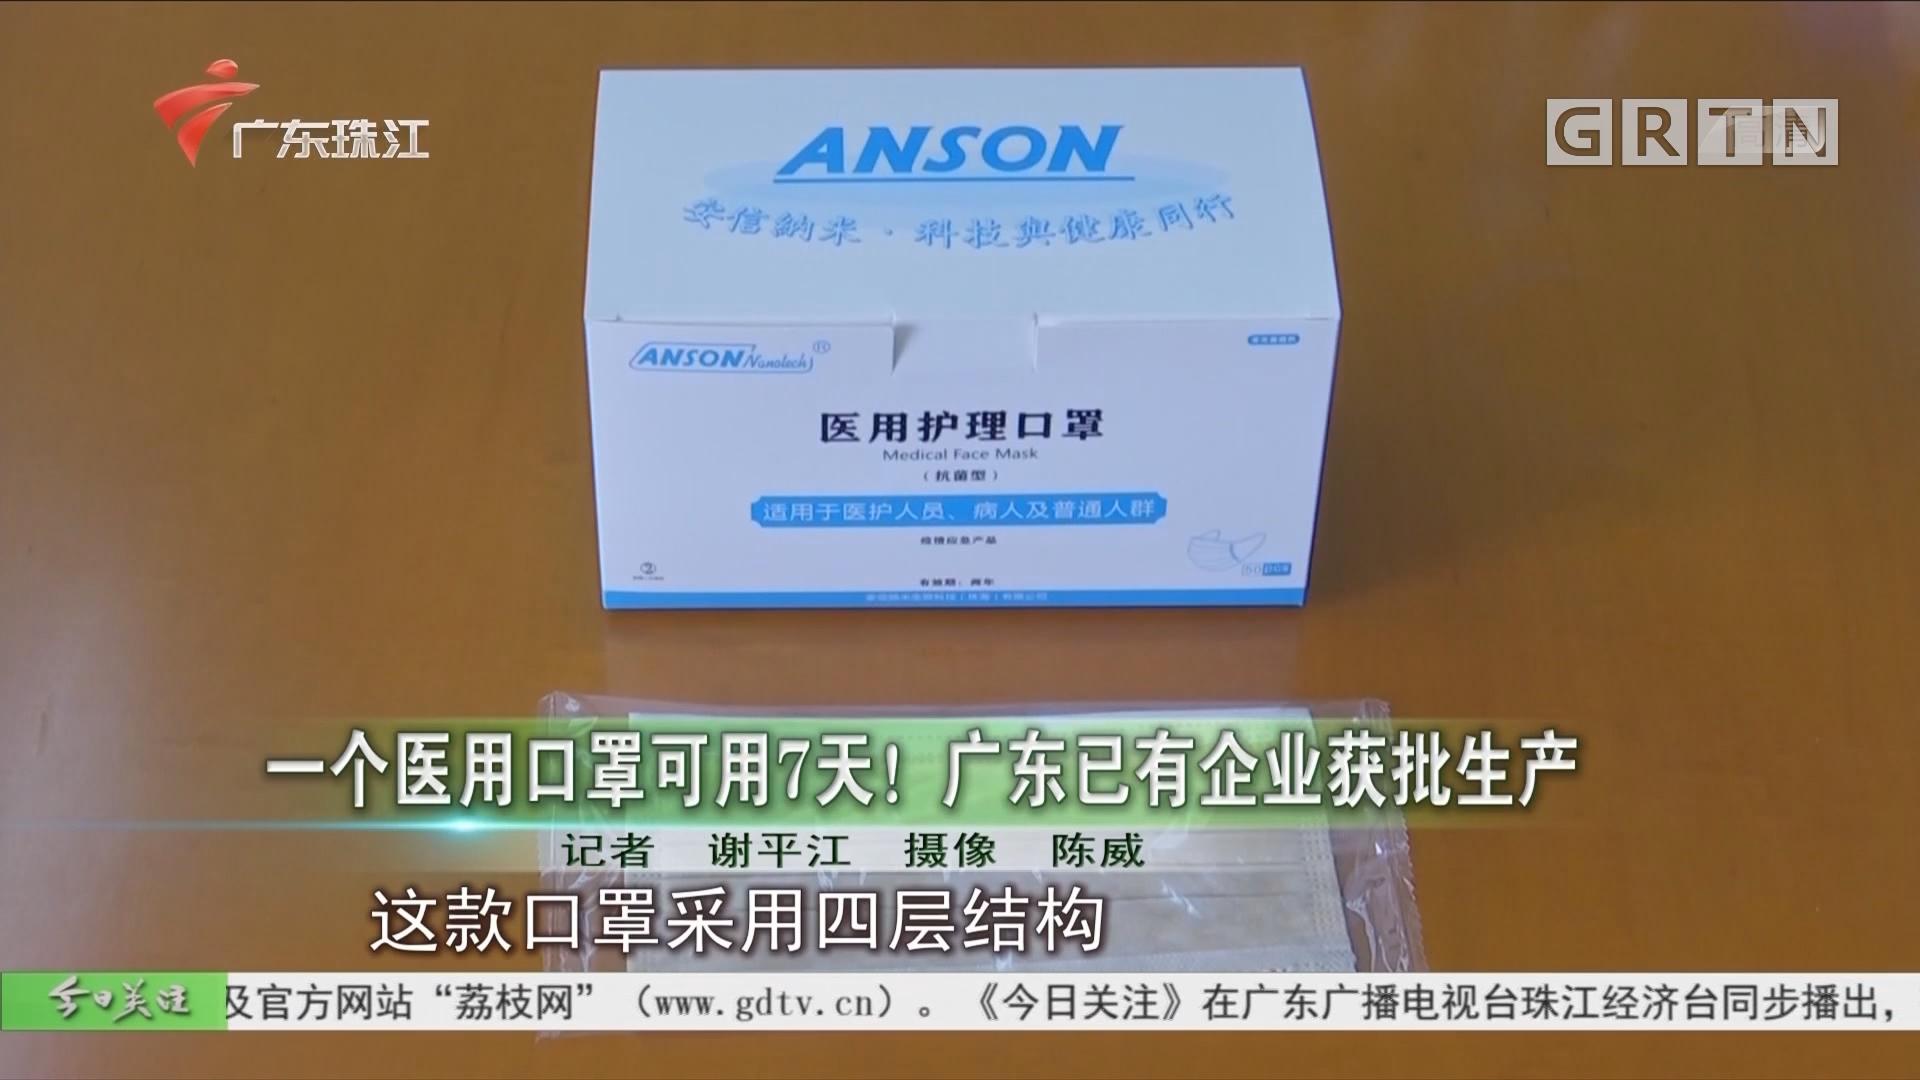 一个医用口罩可用7天!广东已有企业获批生产